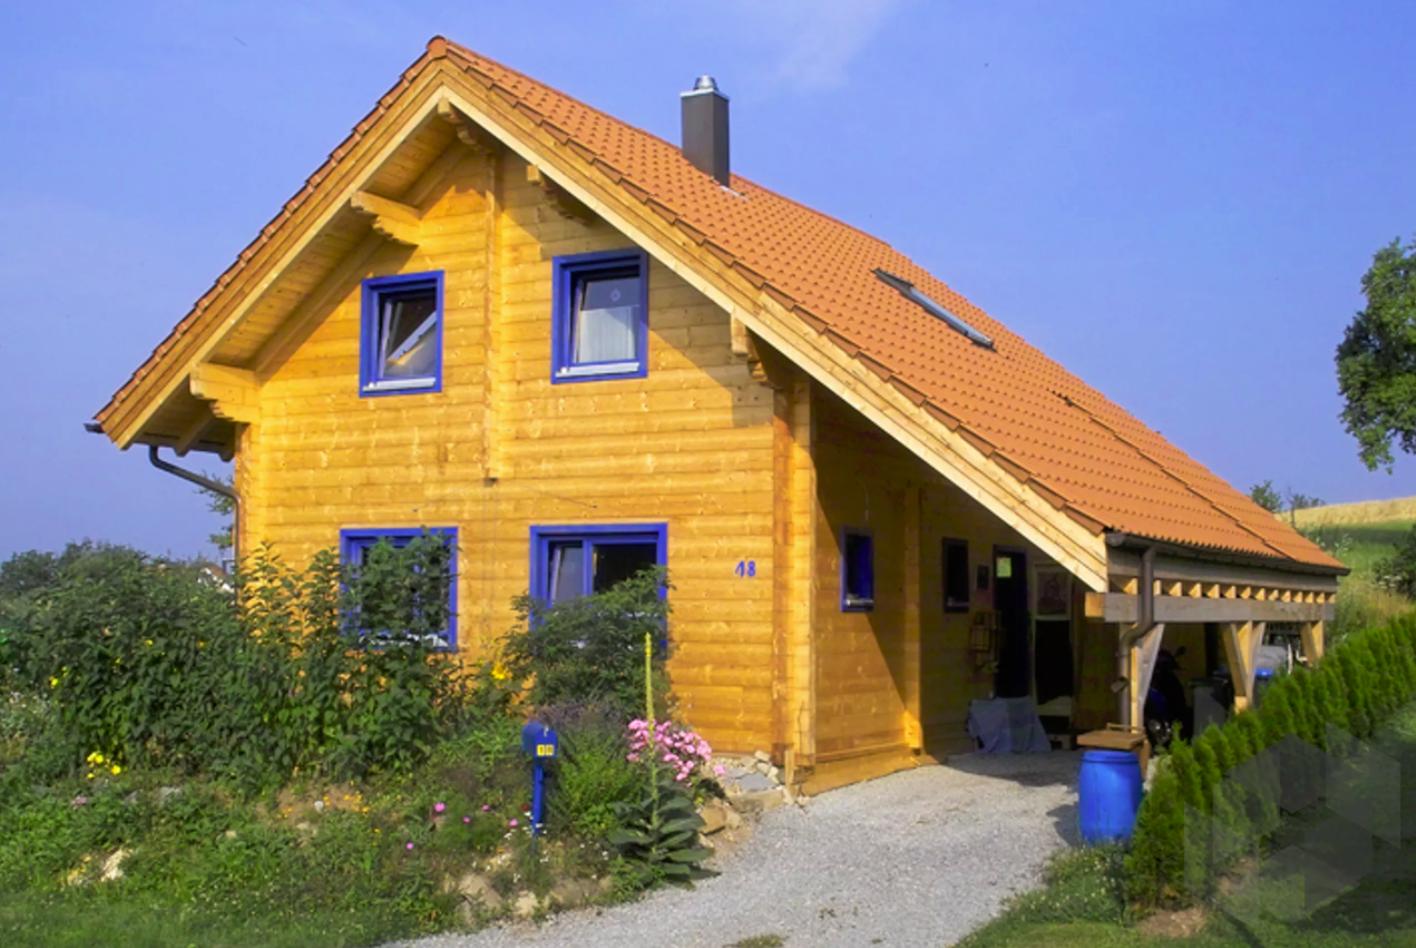 93 M Kleines Blockhaus Wolfenbruck Rems Murr Holzhaus